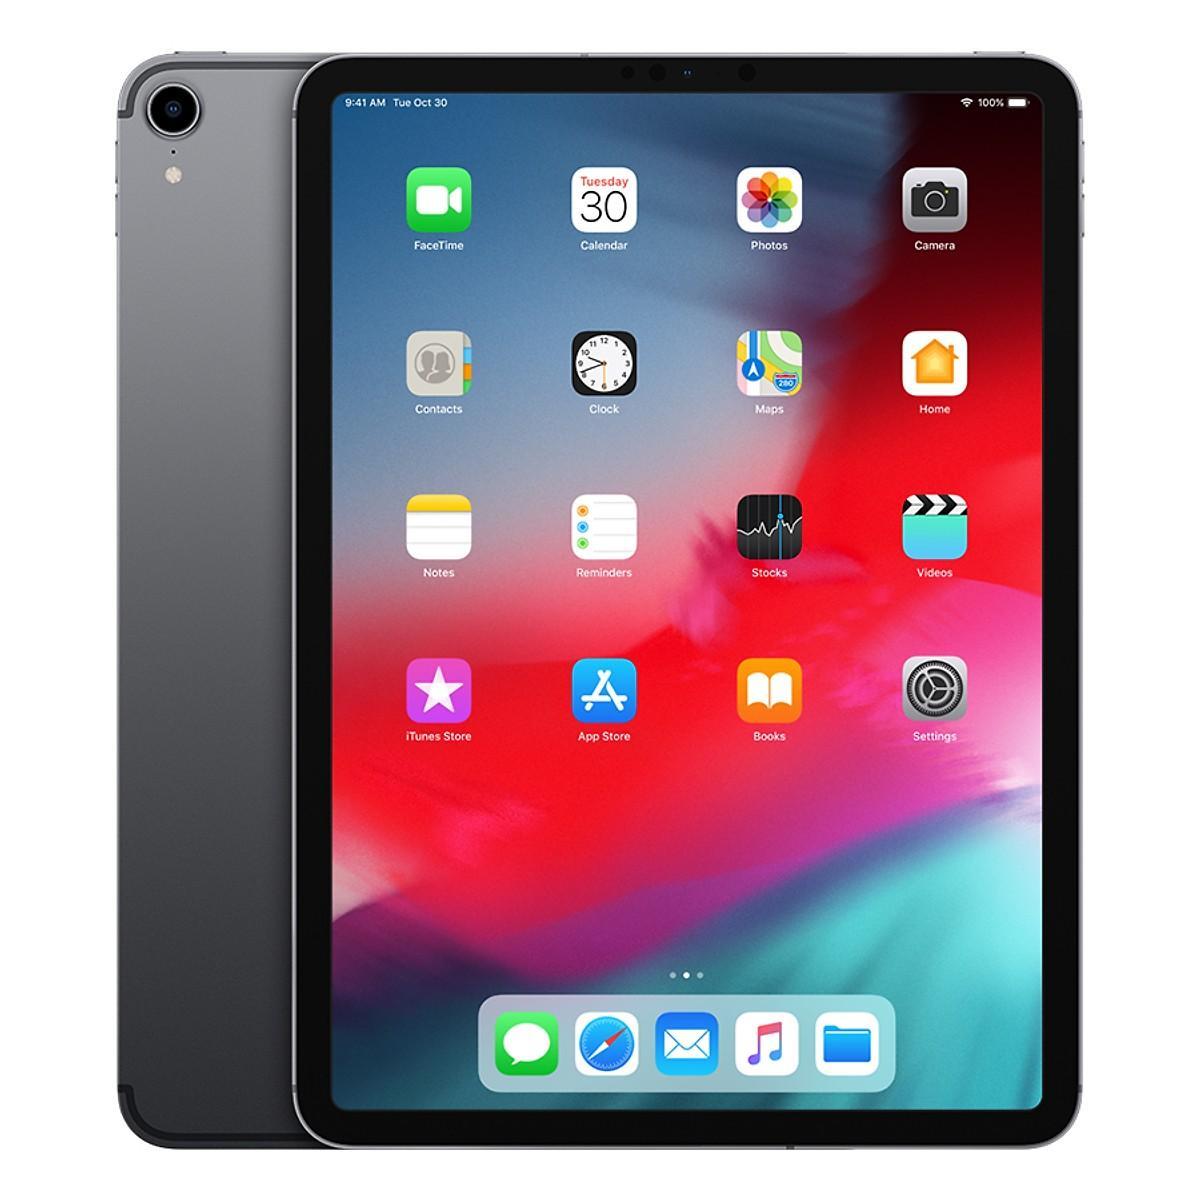 Máy tính bảng Ipad Pro 11 inch (2018) 64GB Wifi (Màu gray)